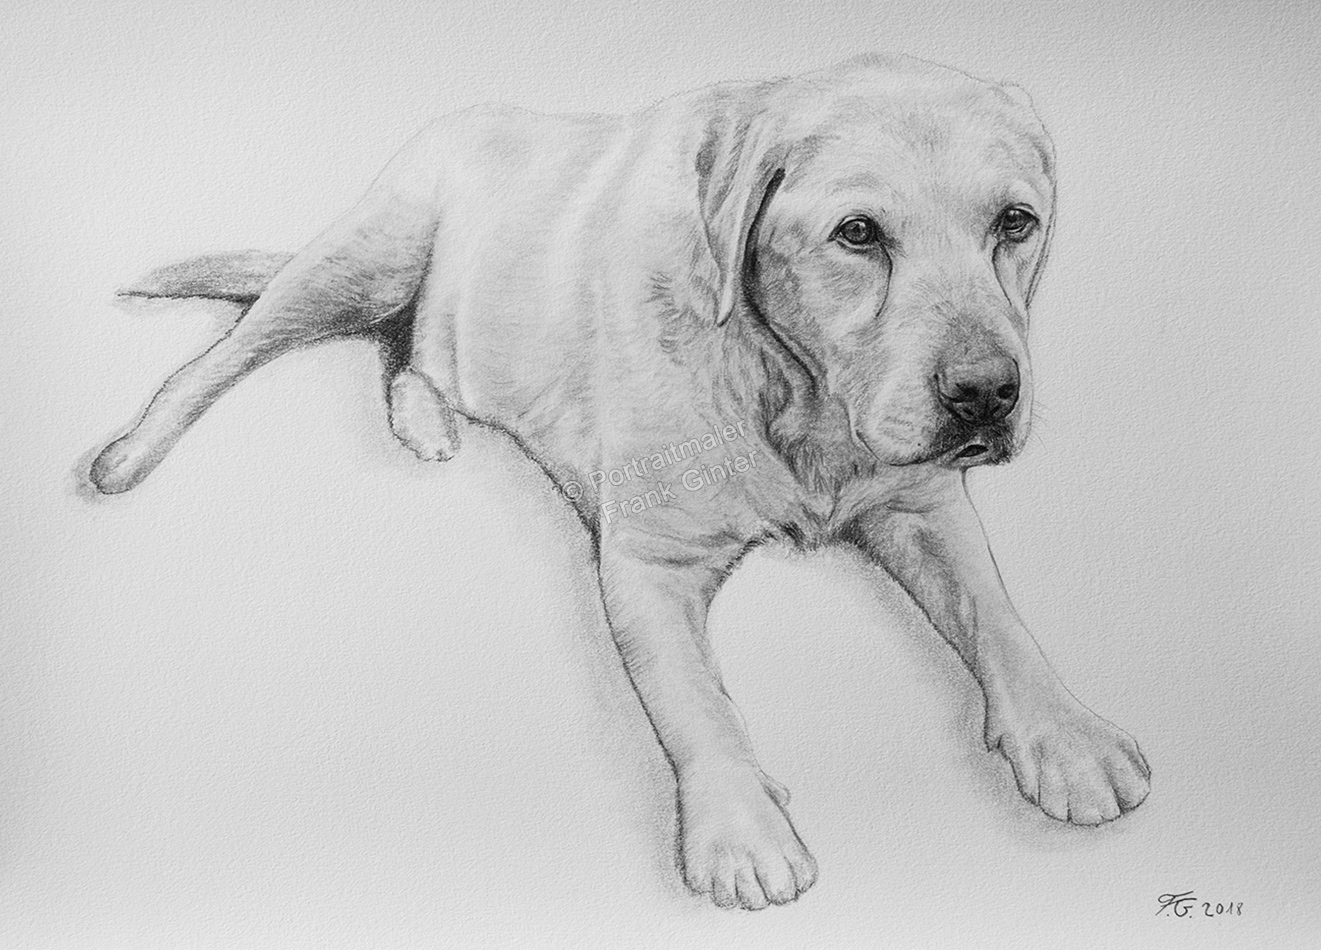 Bleistiftzeichnung vom Hund, Tierzeichnungen, Bleistiftzeichnungen Tierportraits, Hundezeichnungen Bleistift